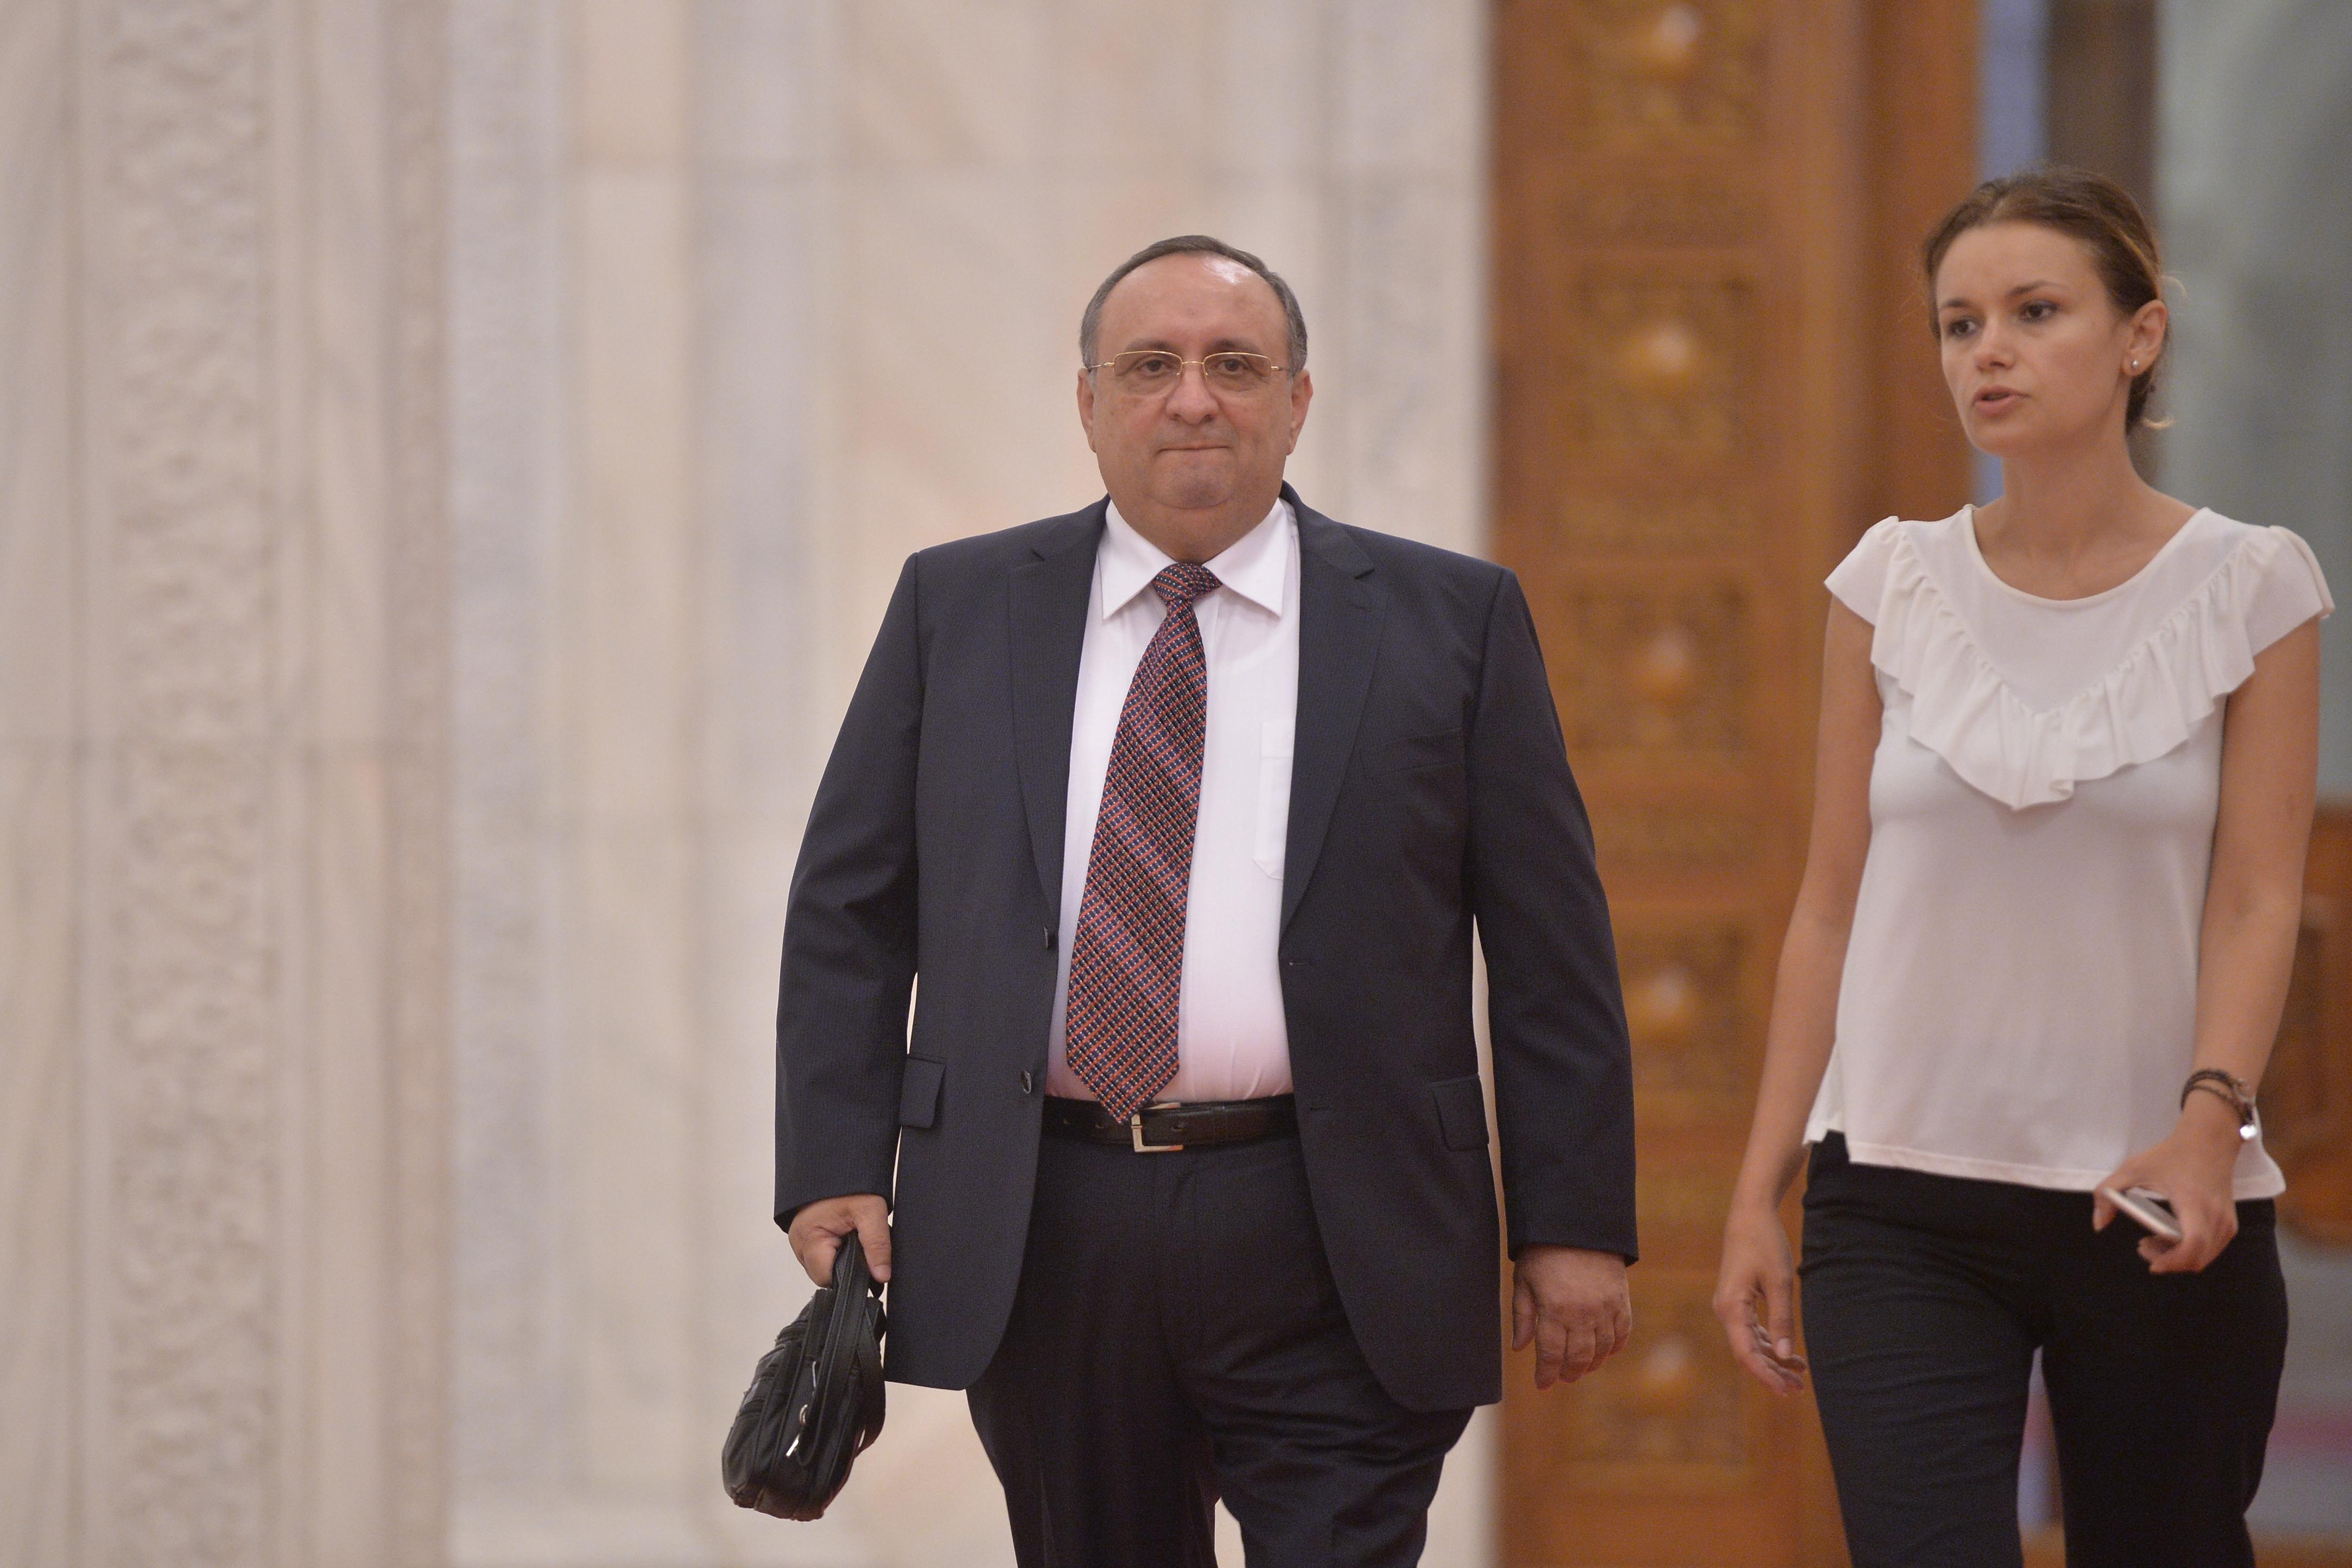 Fostul şef SPP Dumitru Iliescu: SUA vor control total. Maior şi Coldea, în slujba lor. Iohannis conduce statul paralel